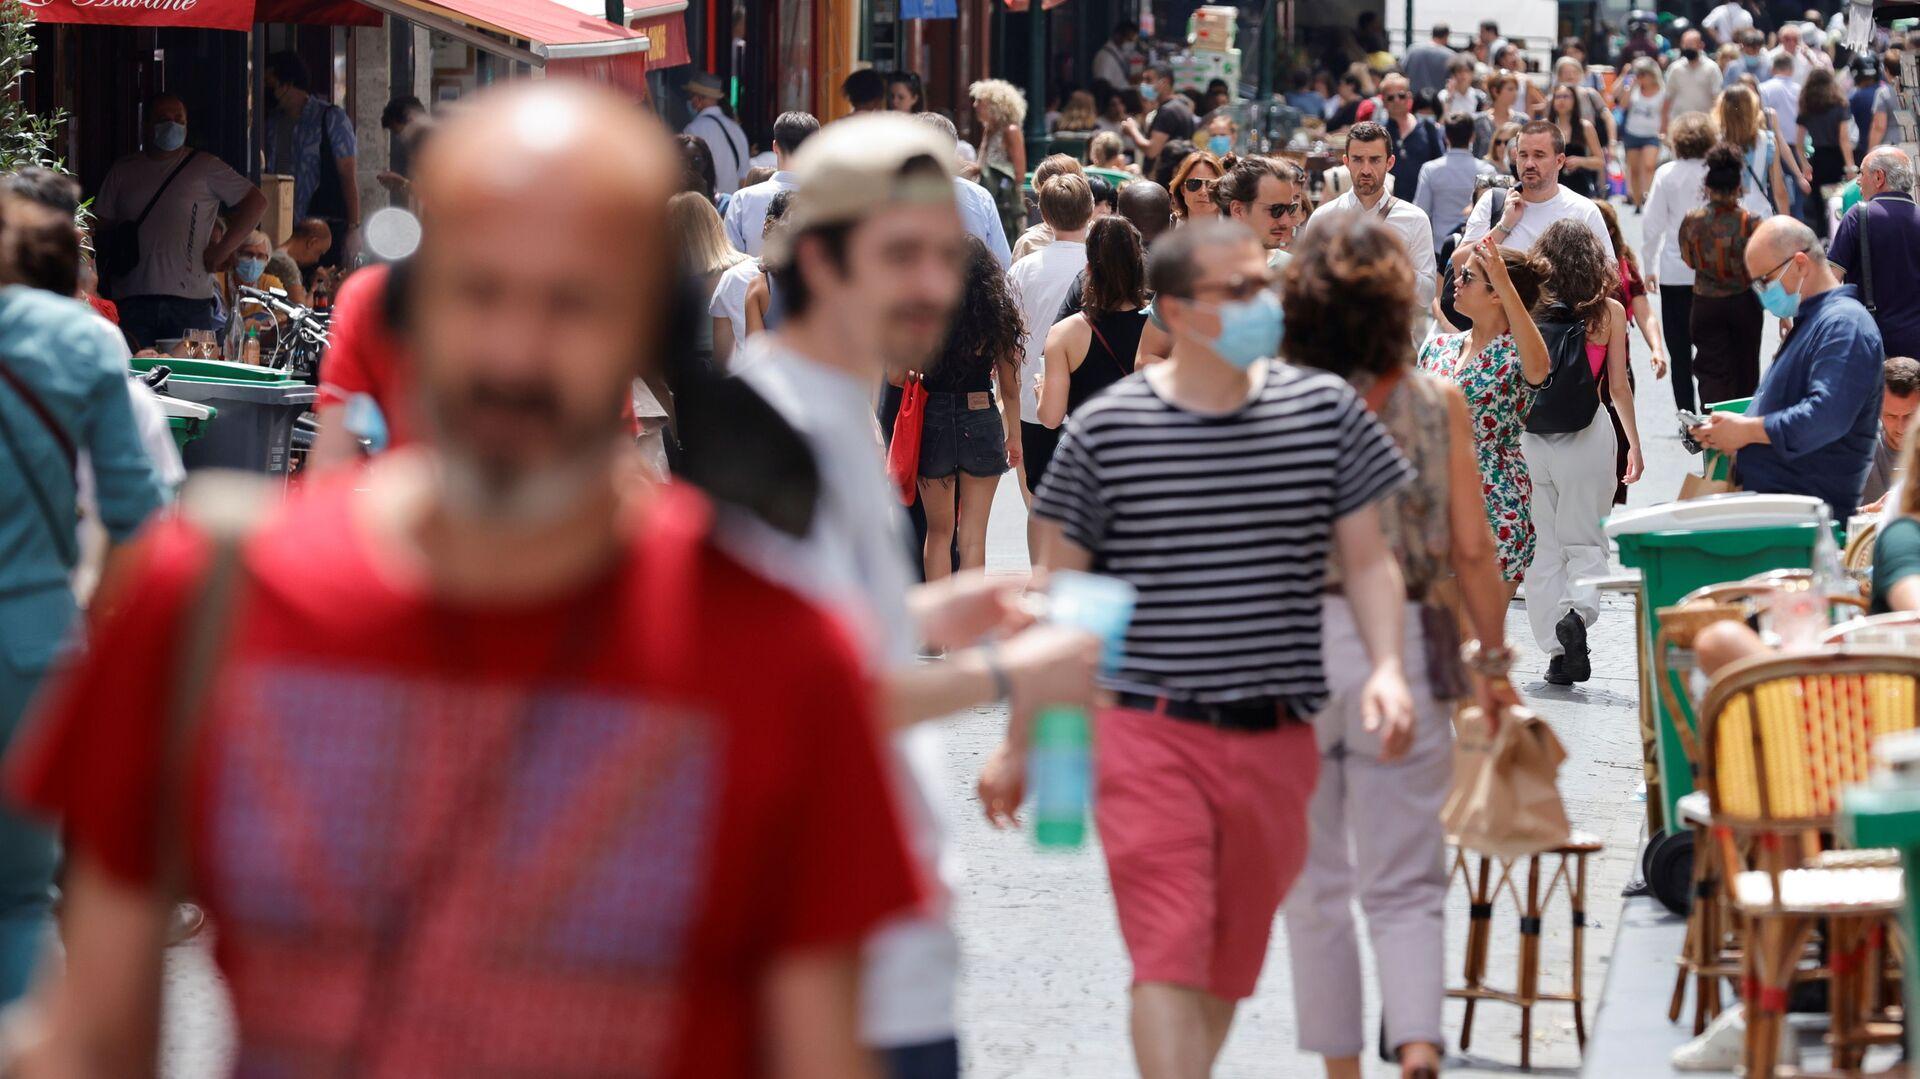 Persone a Parigi dopo la revoca dell'obbligo di indossare la mascherina all'aperto - Sputnik Italia, 1920, 06.07.2021